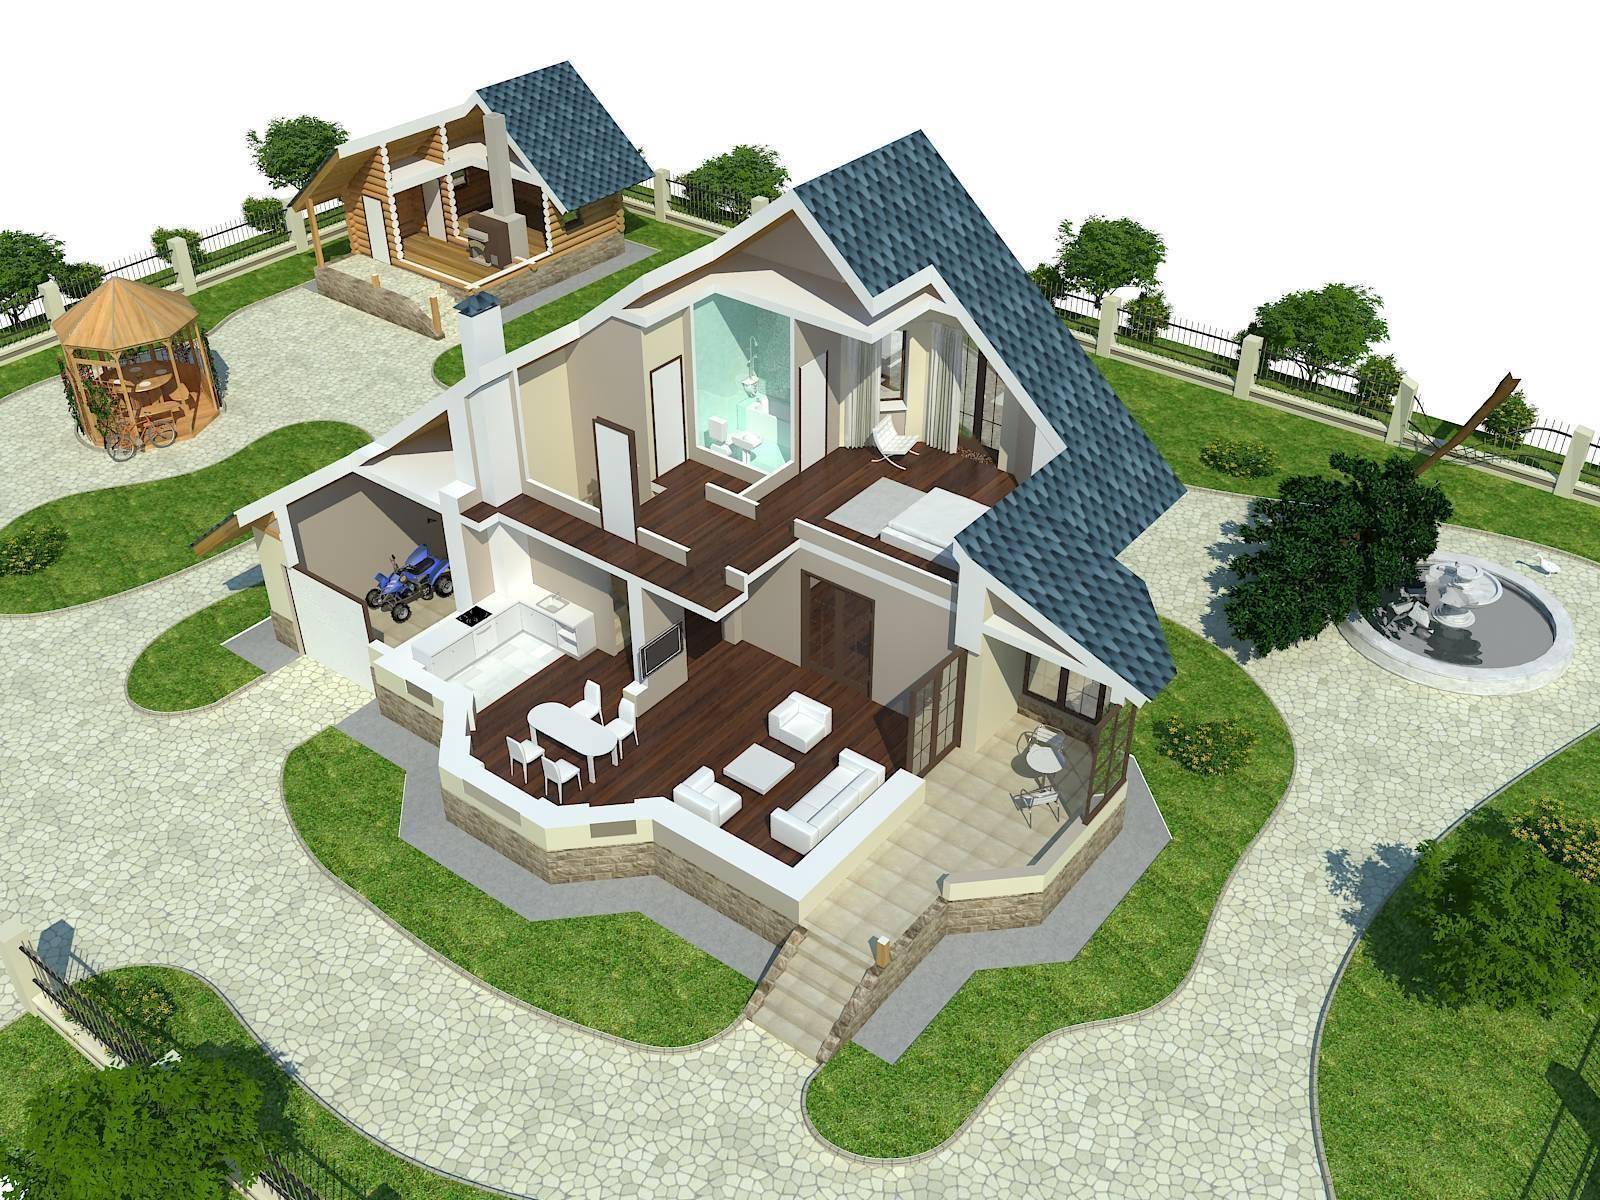 Планировка дома: проекты современных частных домов +75 фото